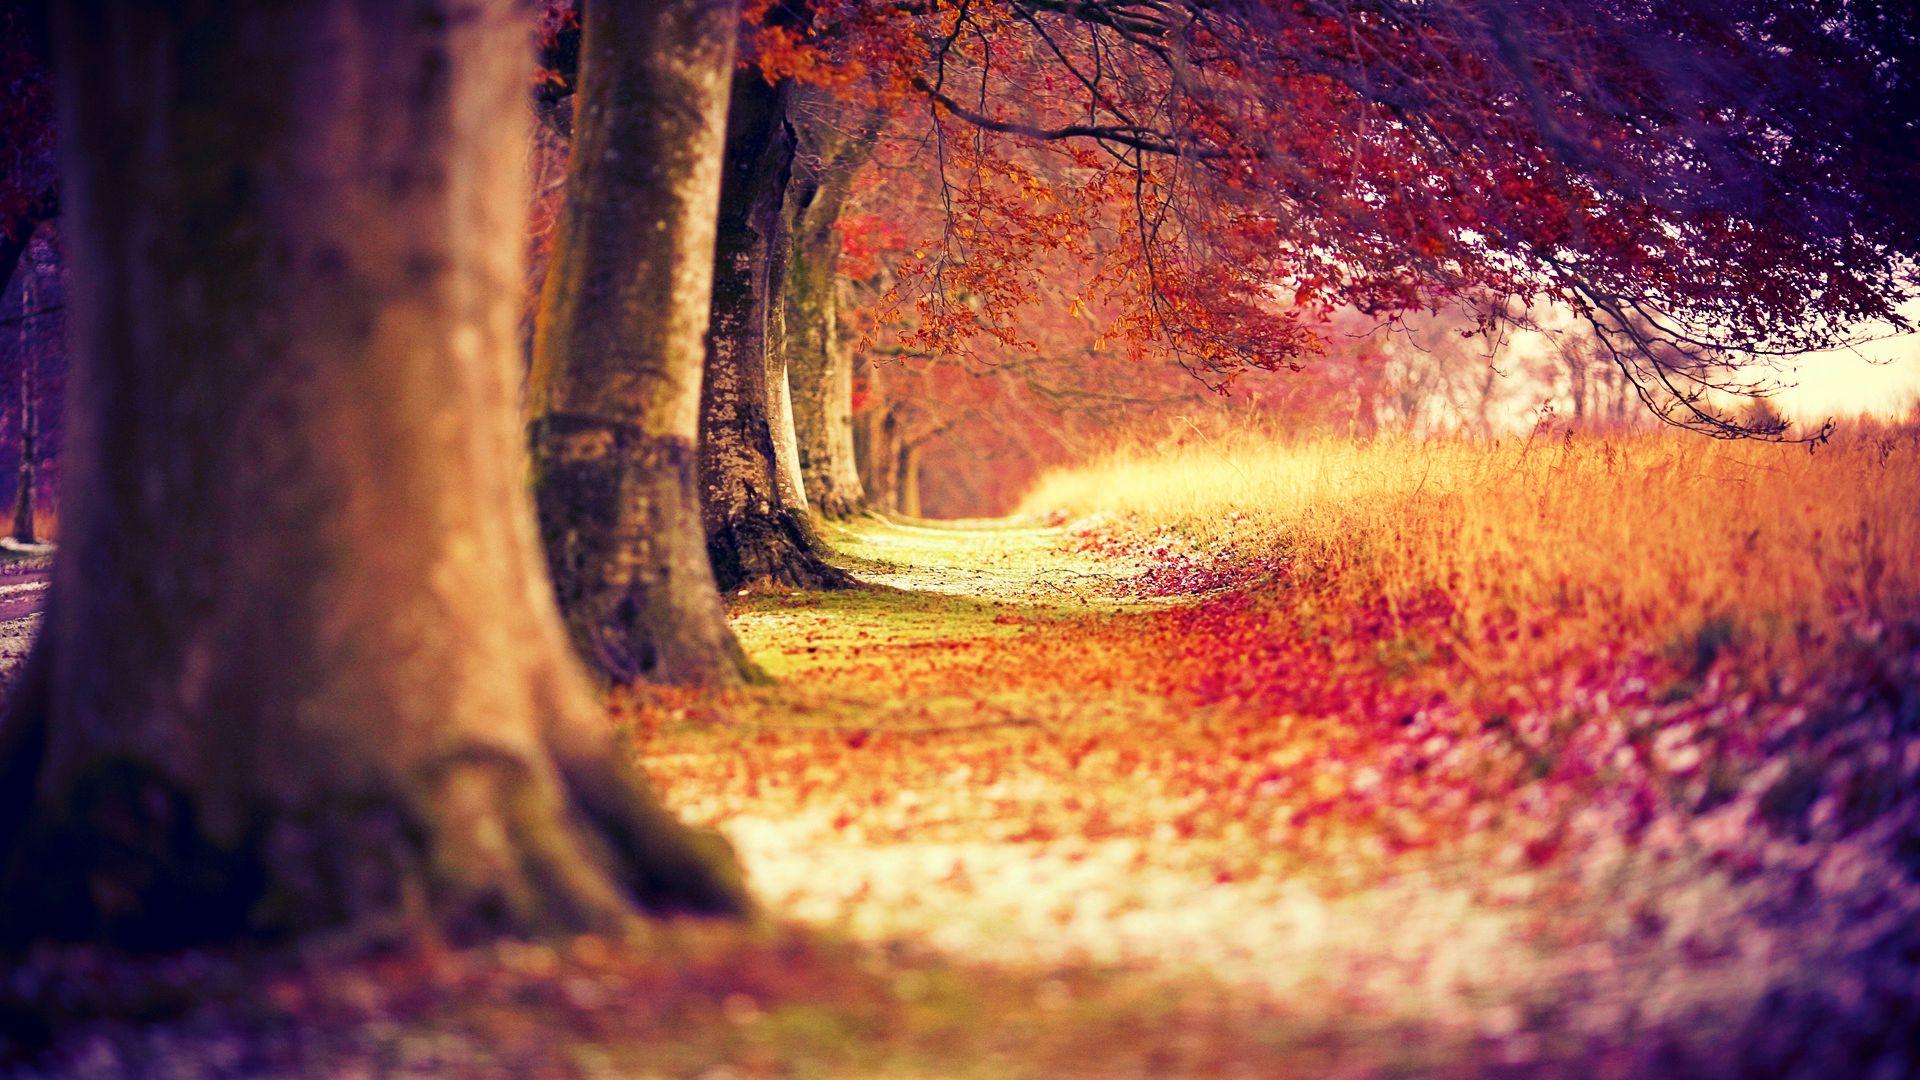 Forest Wallpaper Dark Scary - HD Desktop Wallpapers